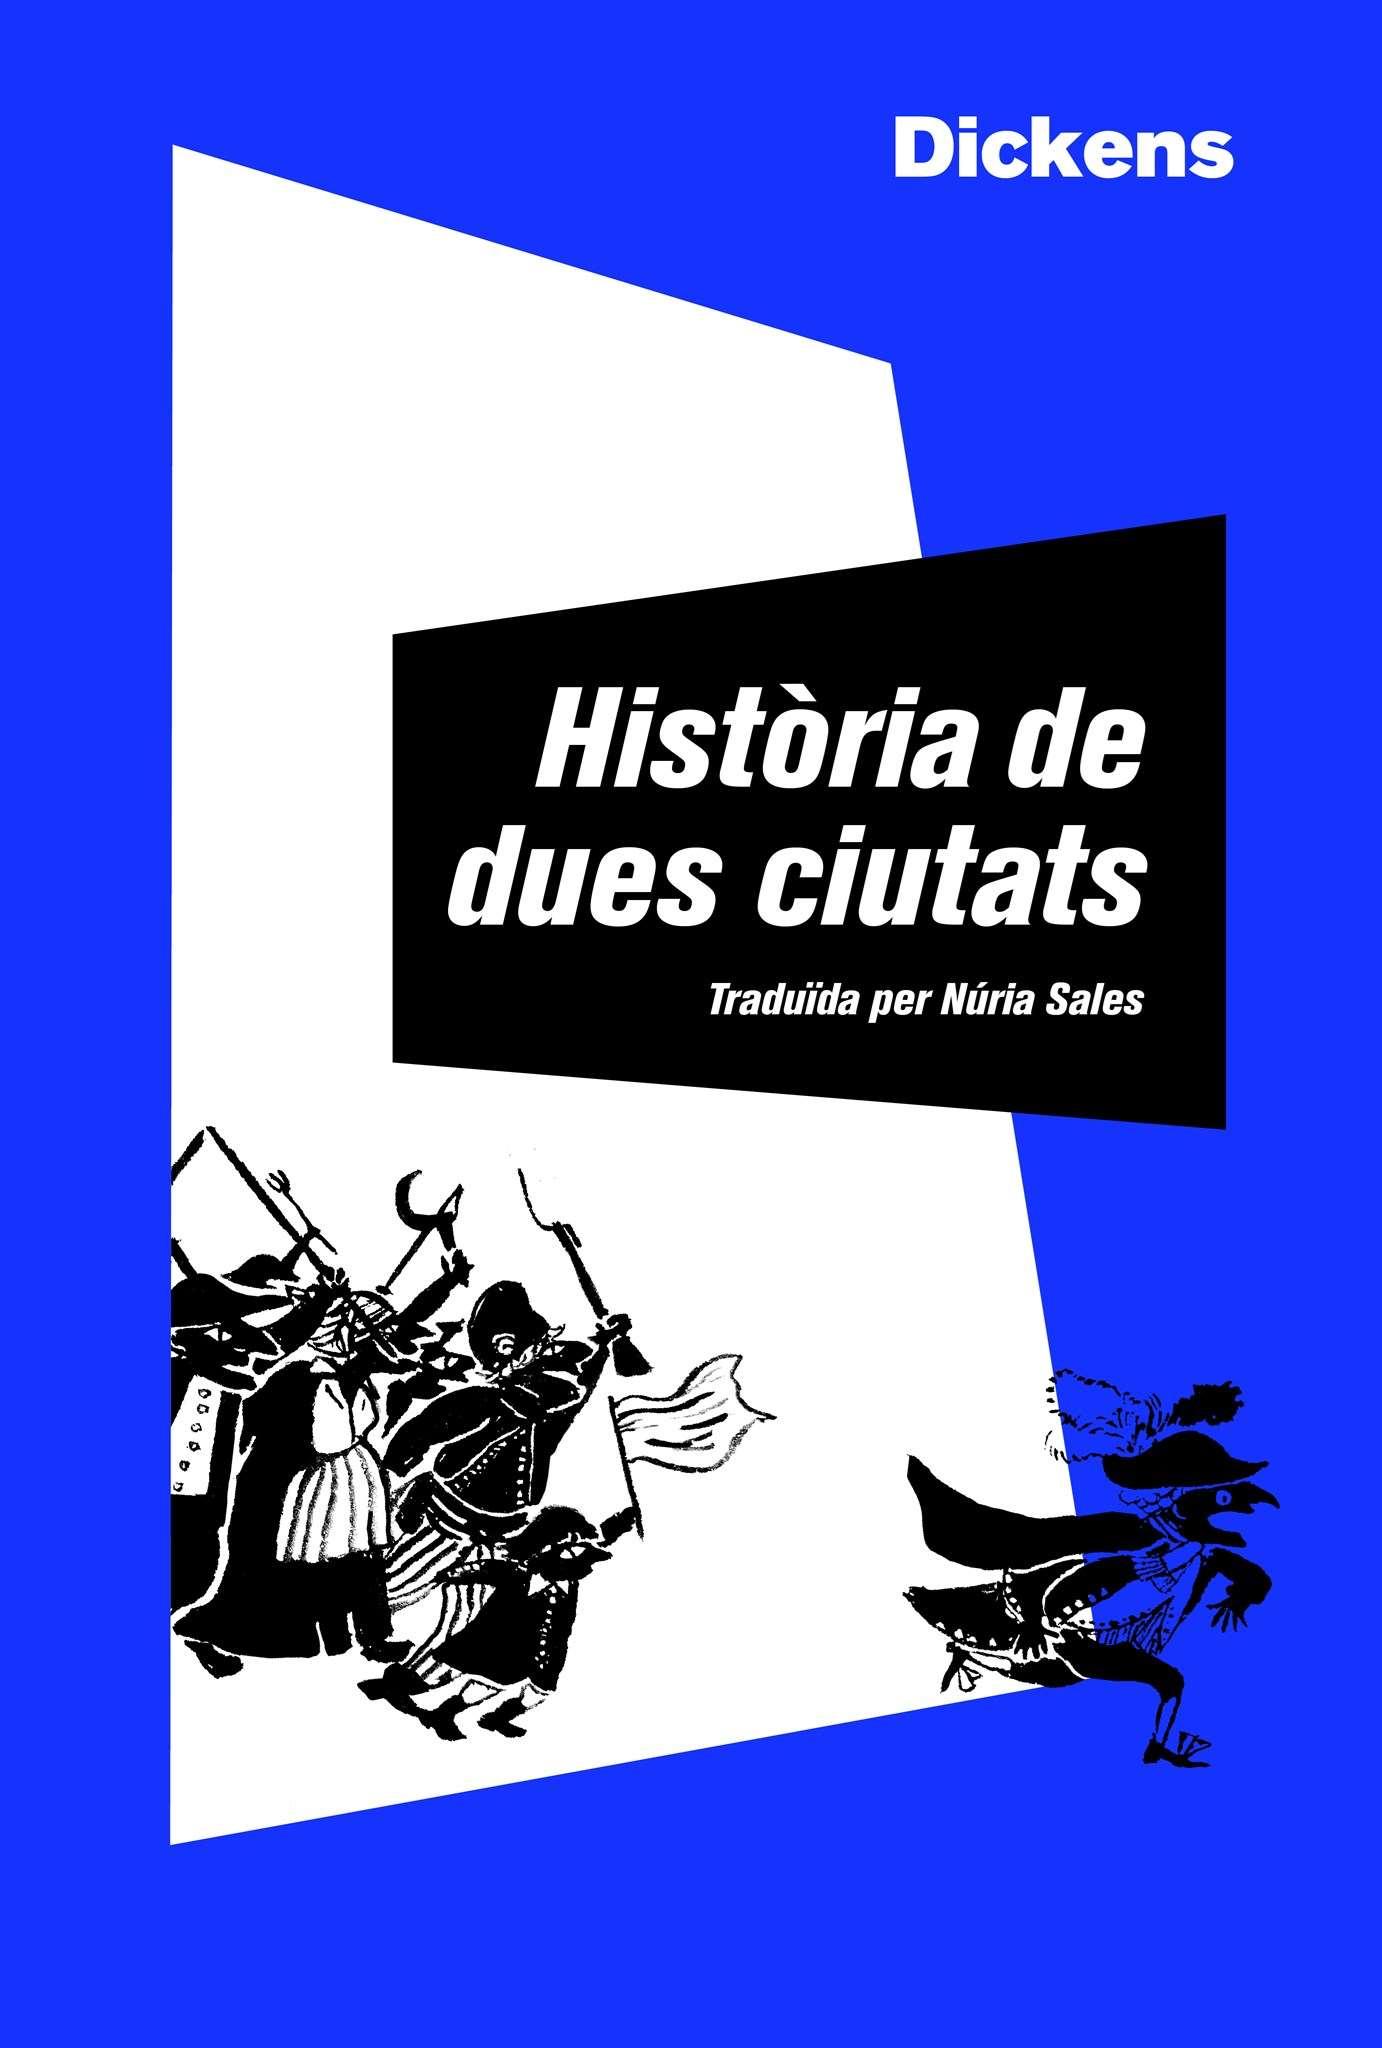 'Història de dues ciutats', de Charles Dickens, per entregues a Club Editor